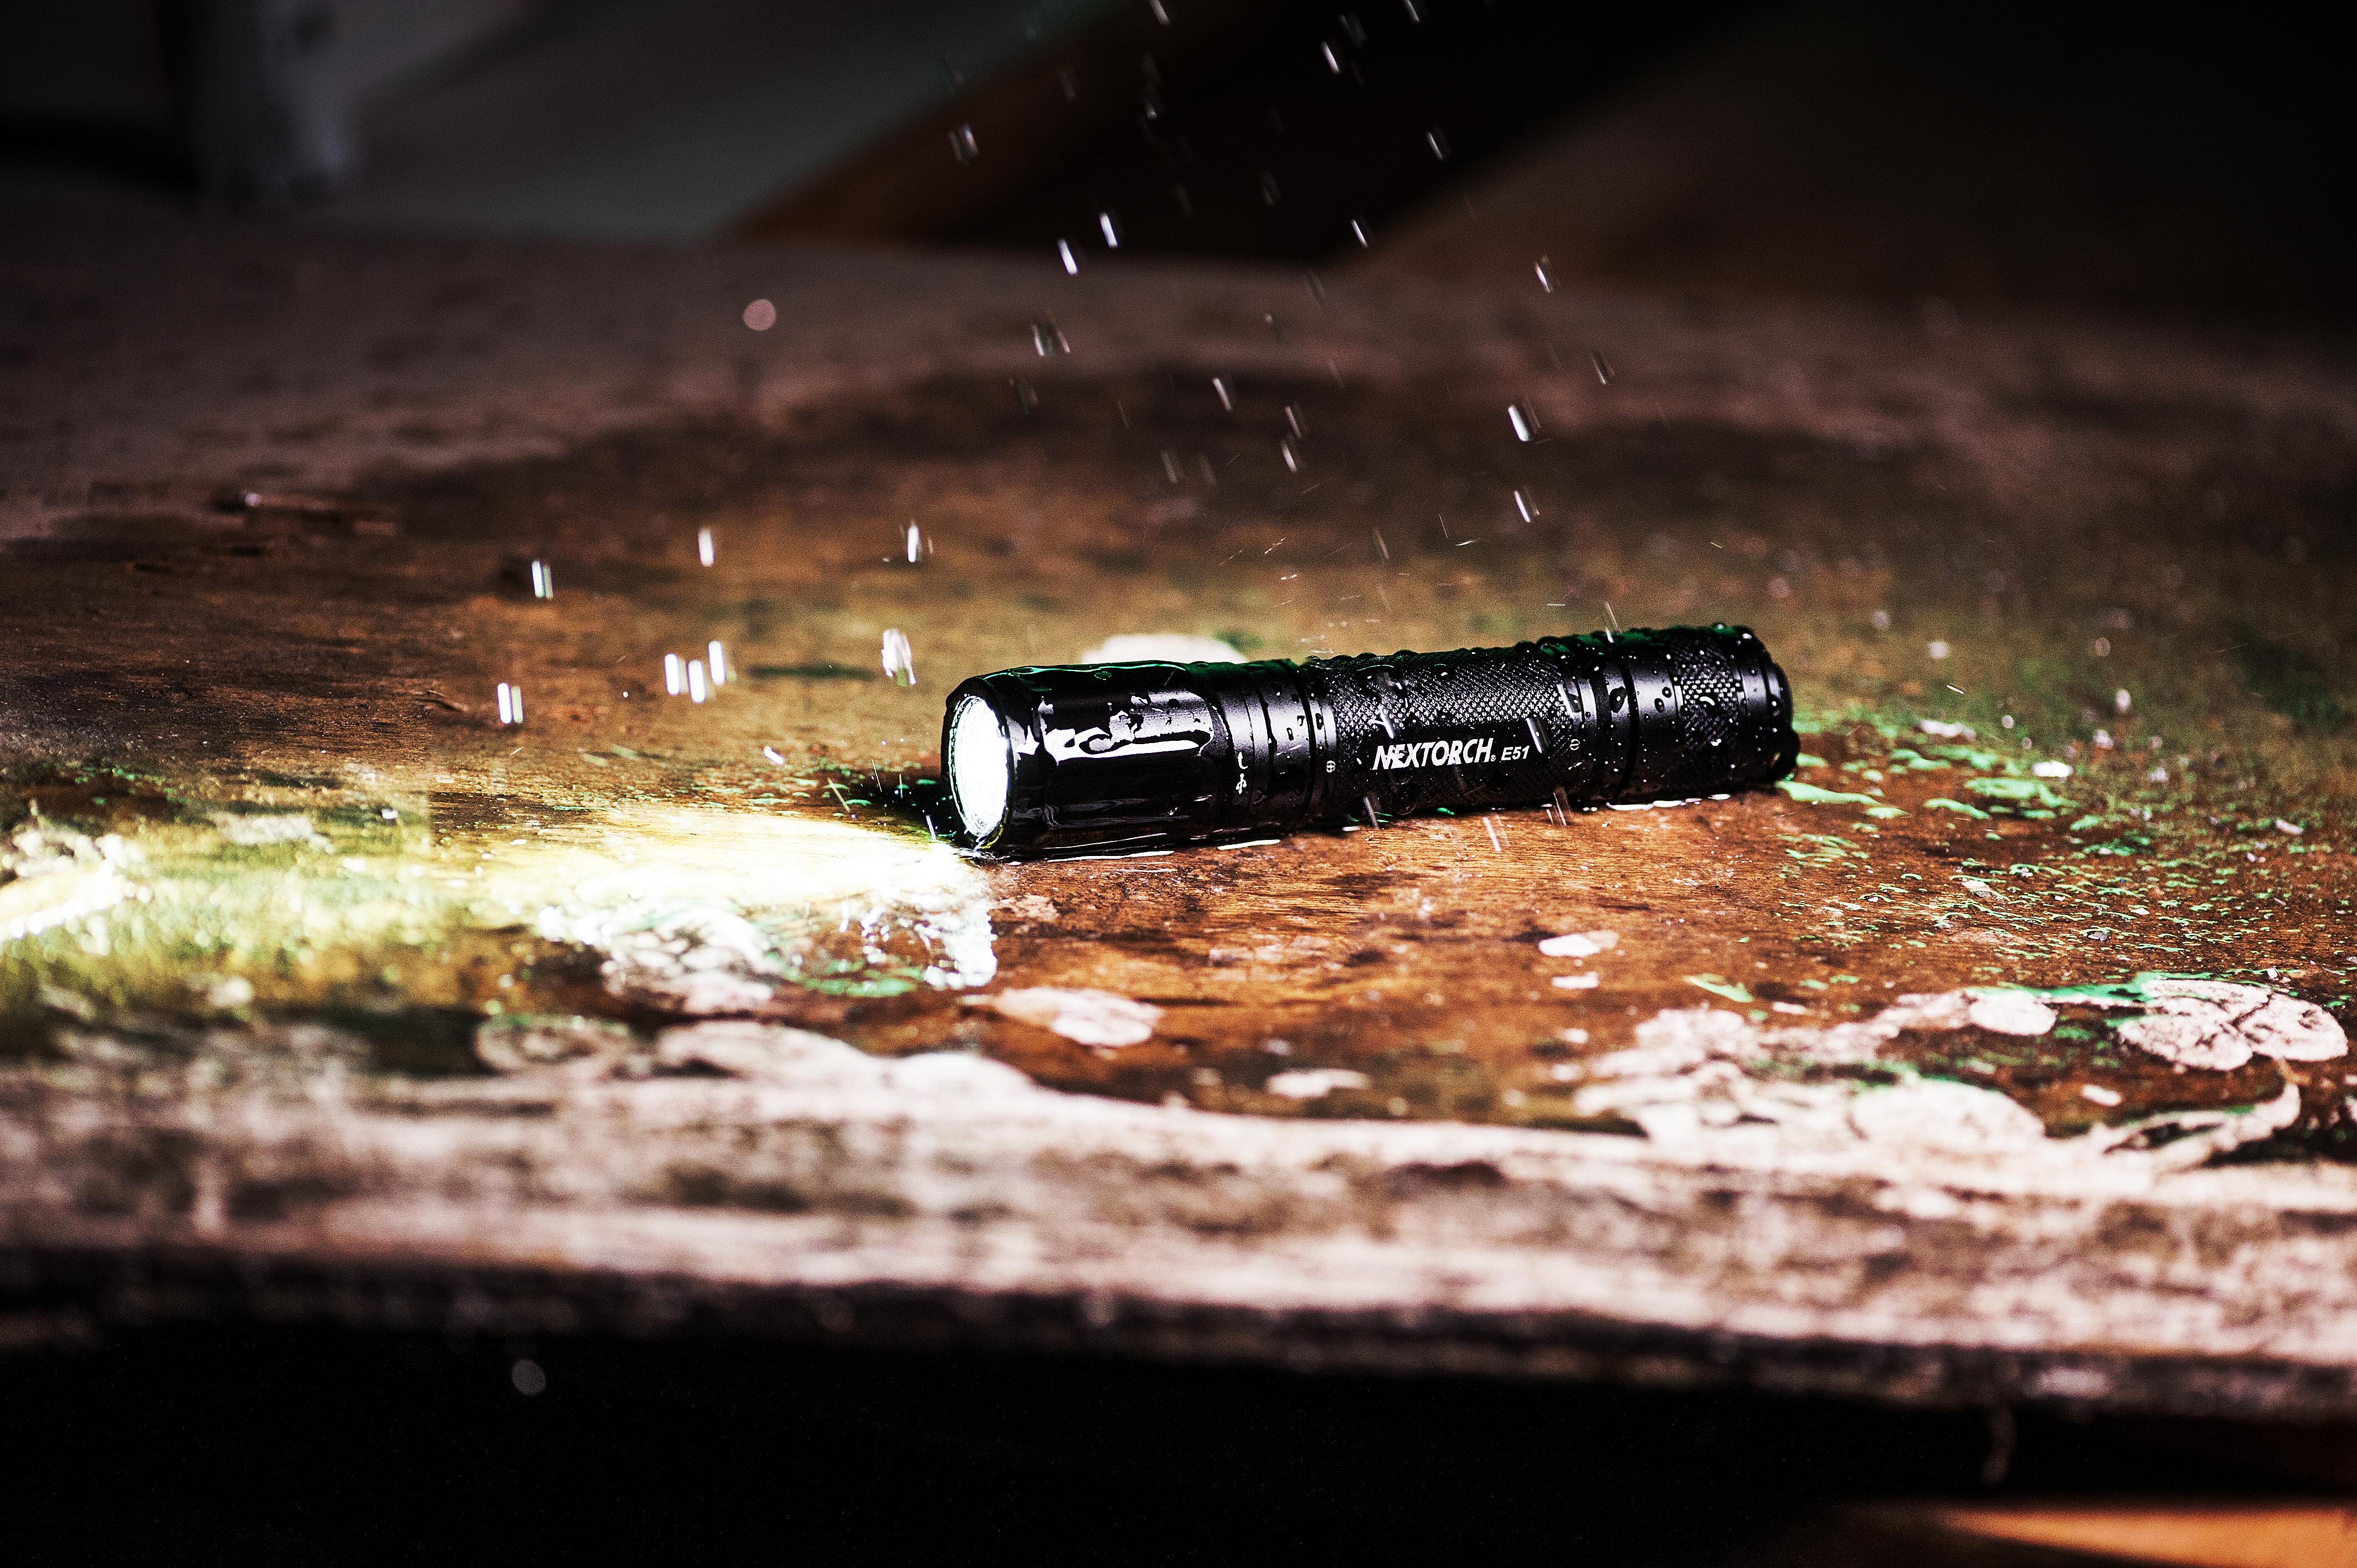 wasserdicht bis 2 Meter Tiefe - Tauchlampe von Nextorch